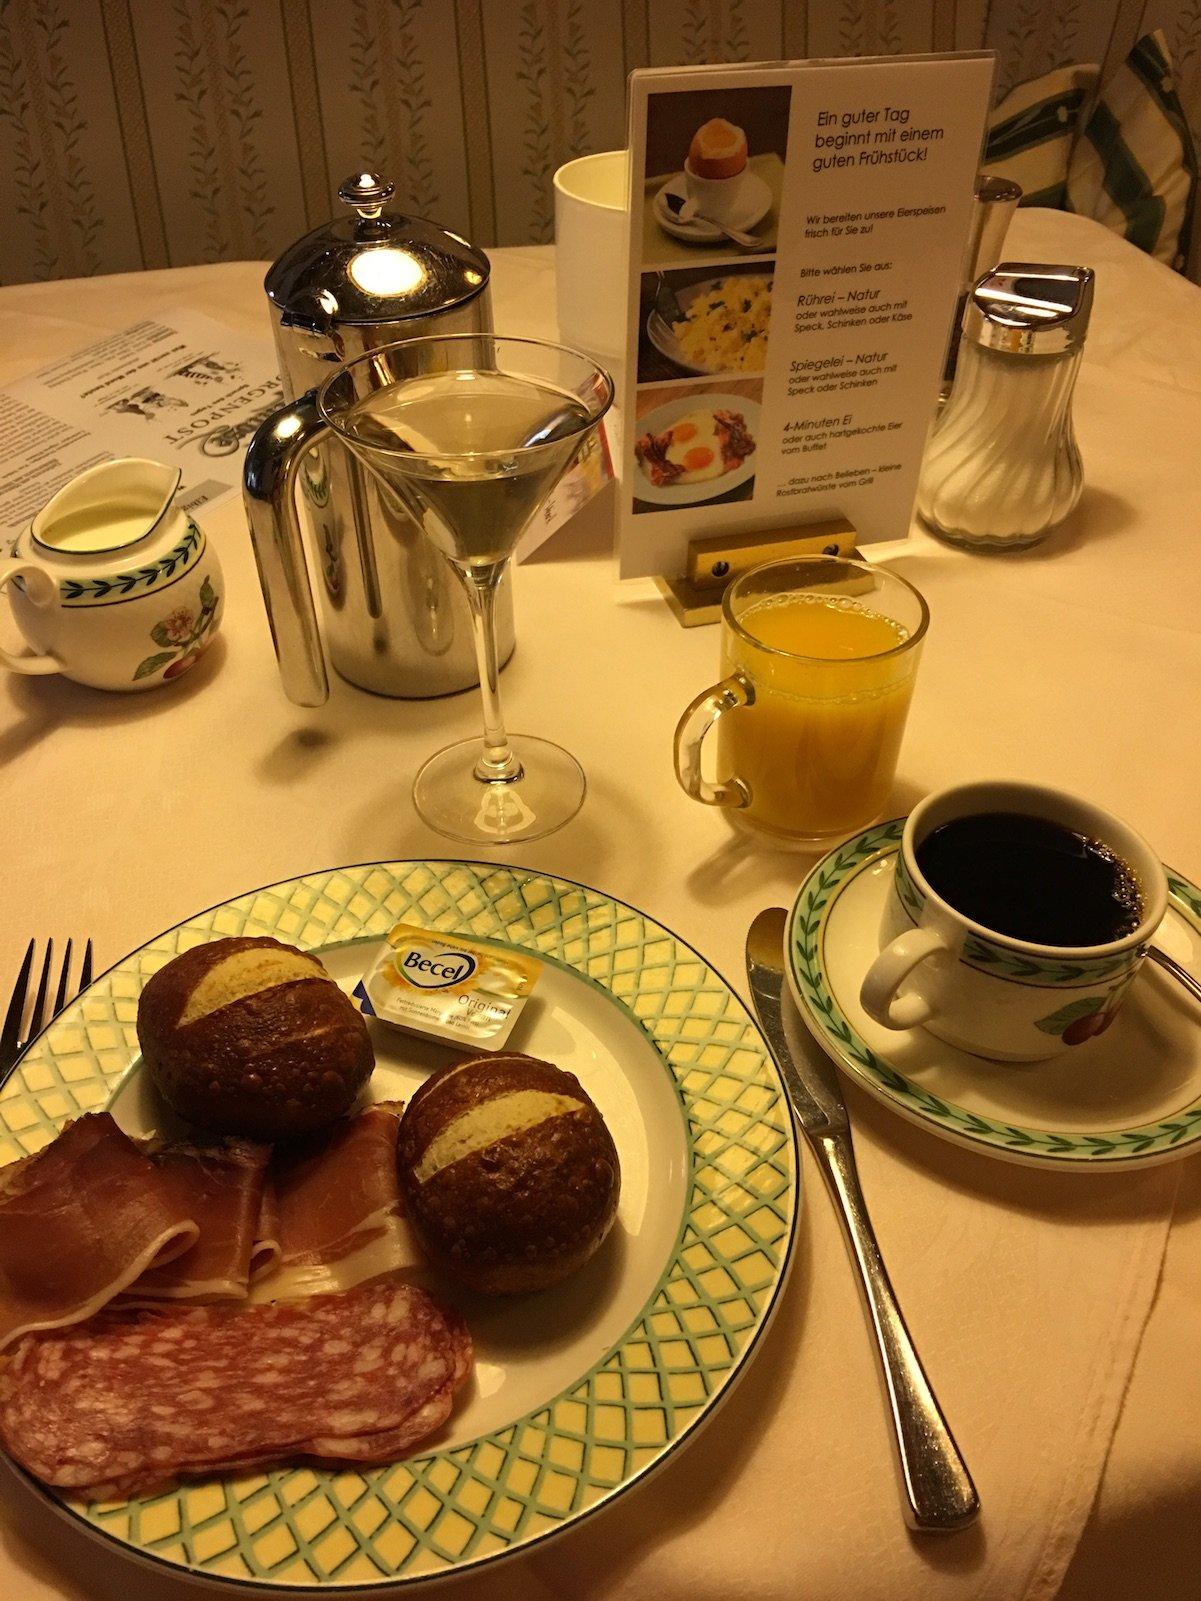 Mein Frühstücksteller - mehr hab ich beim besten Willen nicht mehr geschafft